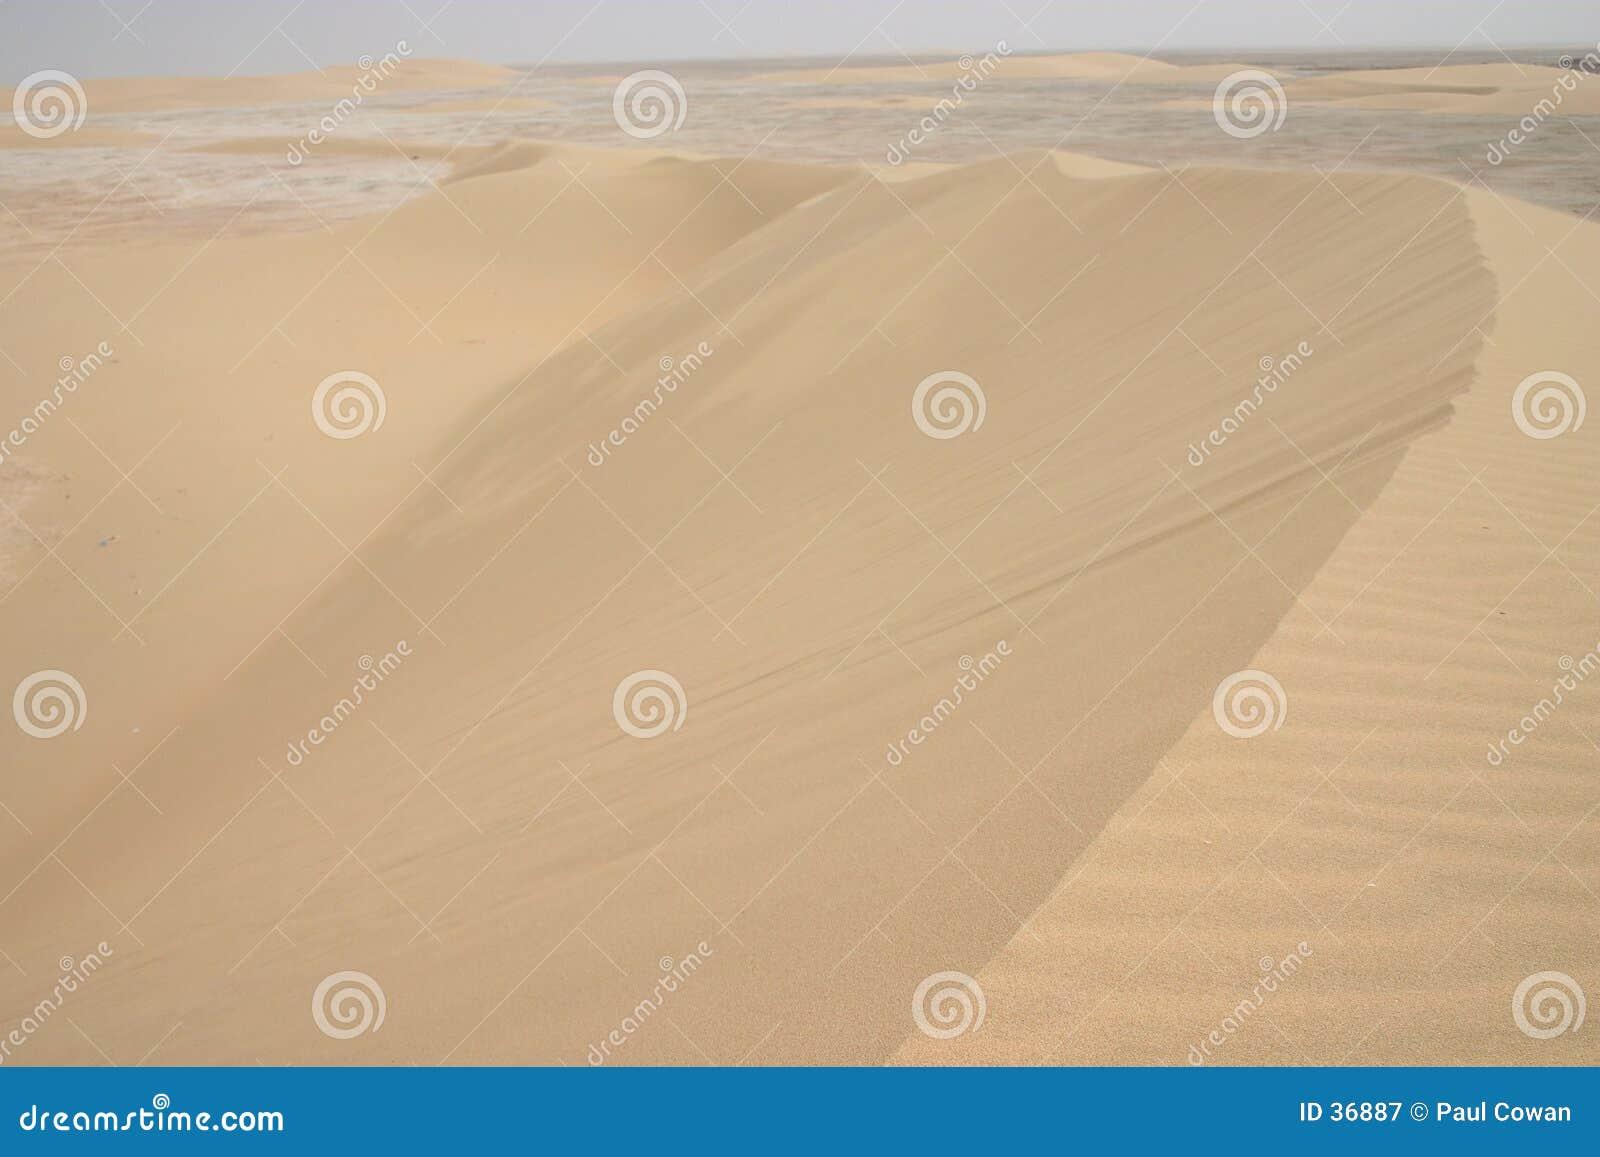 Arabisk sandstorm